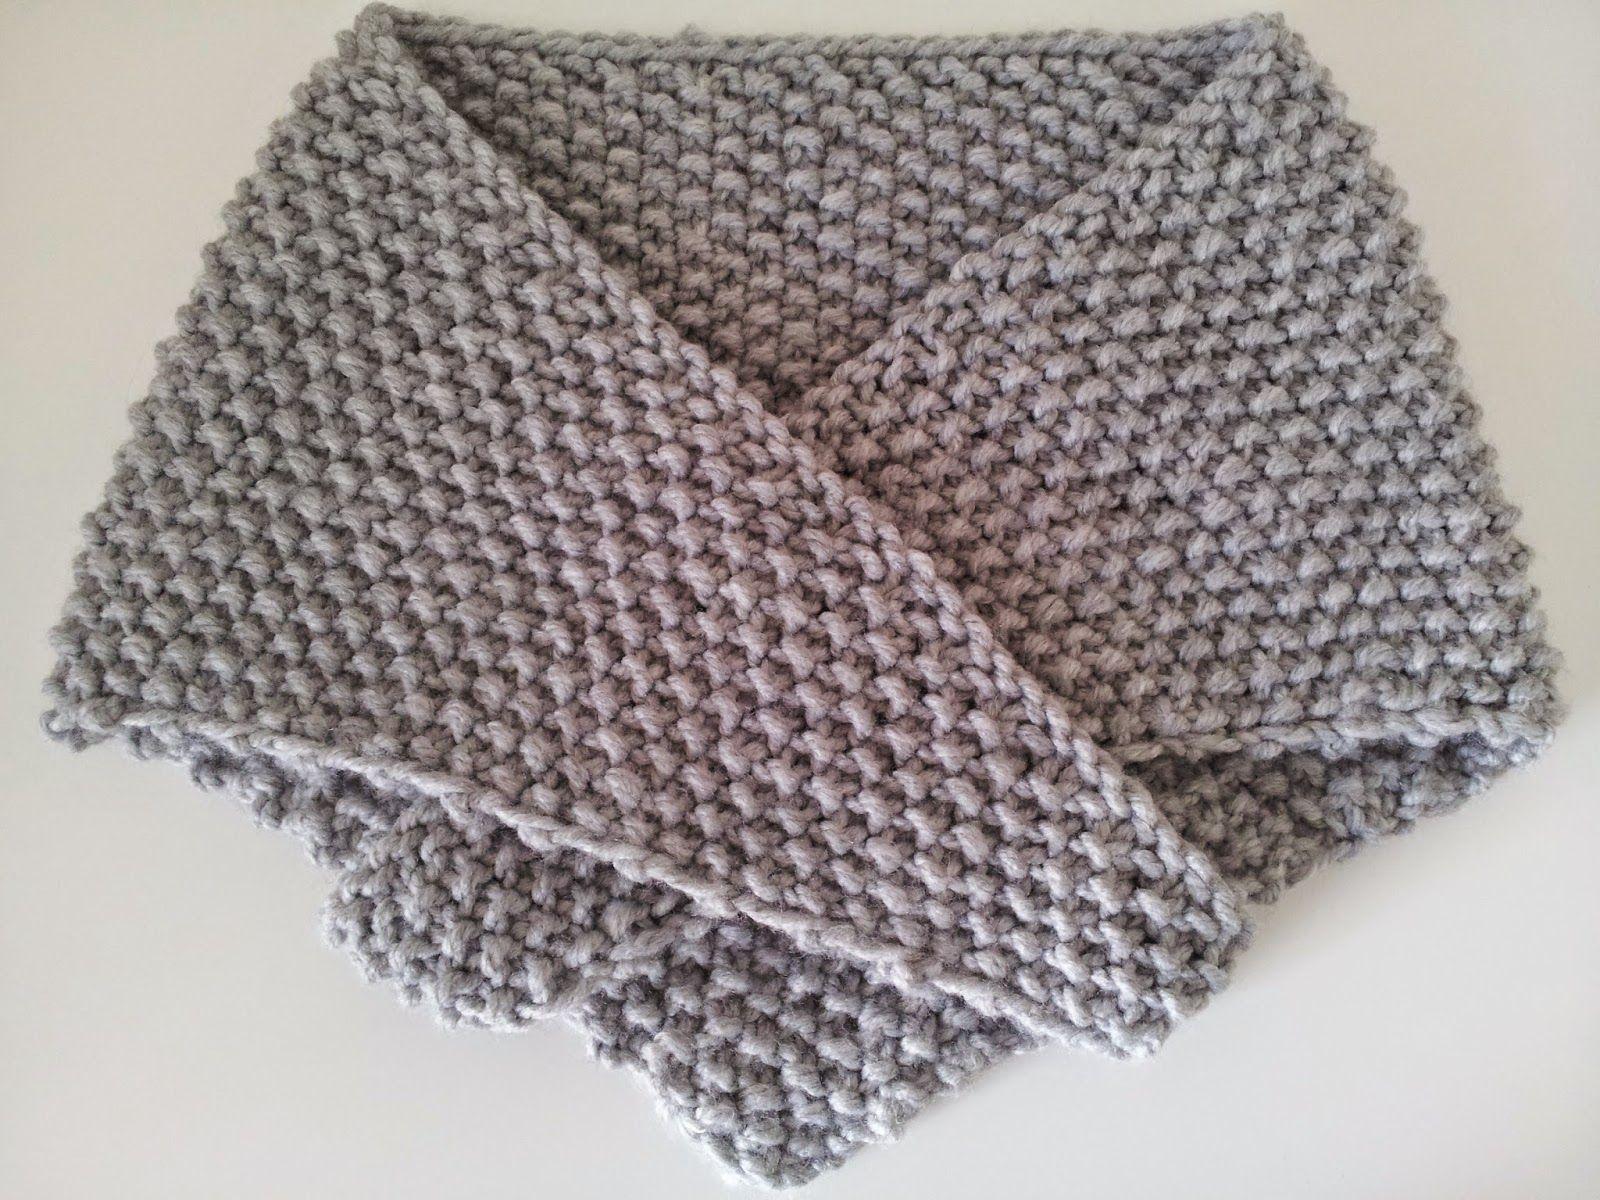 43 toquilla de ni a en punto de arroz shawl for girl - Labores de punto de media ...